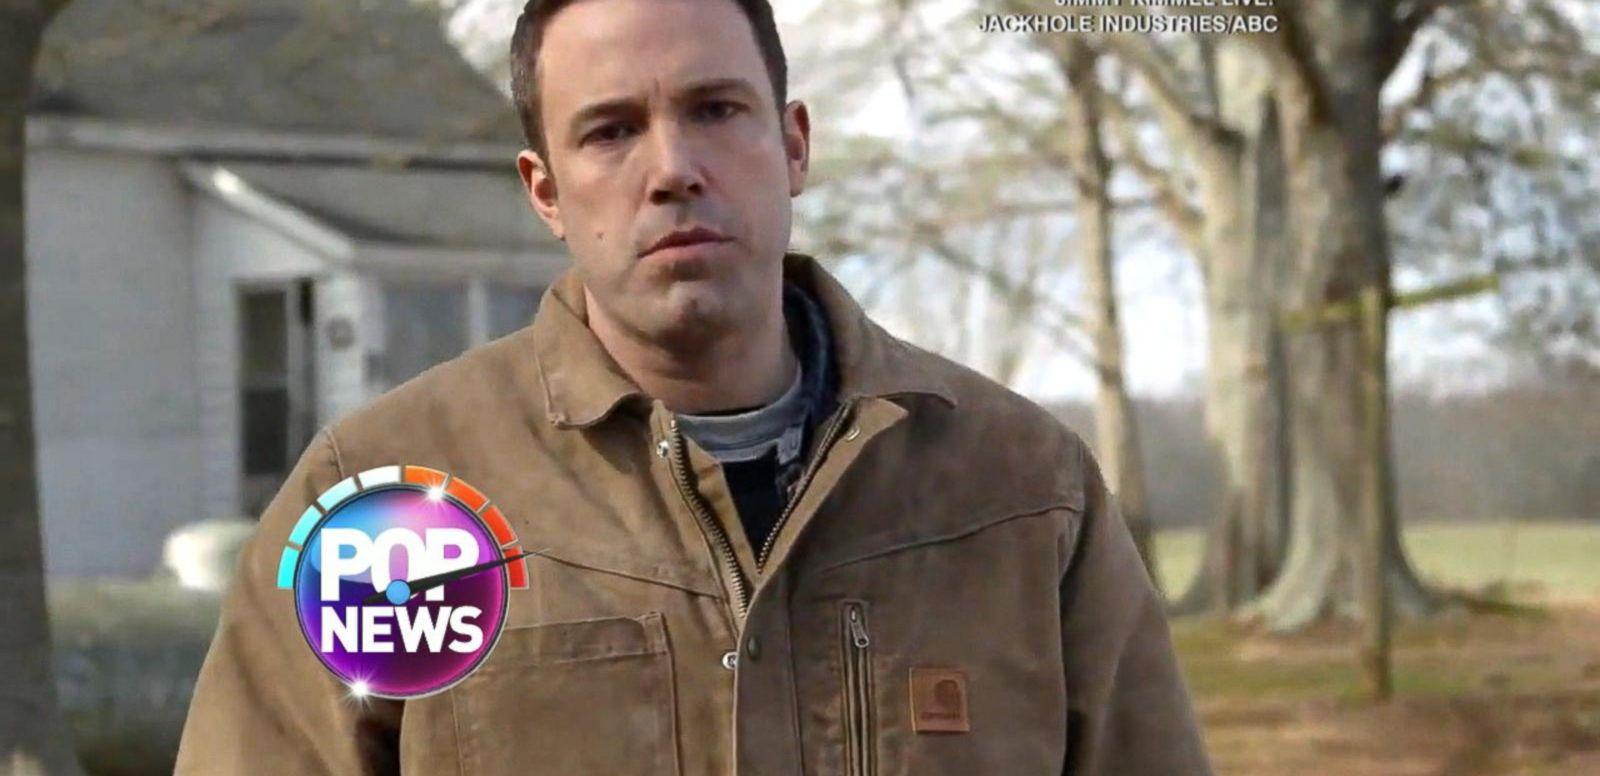 VIDEO: Ben Affleck, Matt Damon Attempt to Take the 'Deflate-Gate' Heat